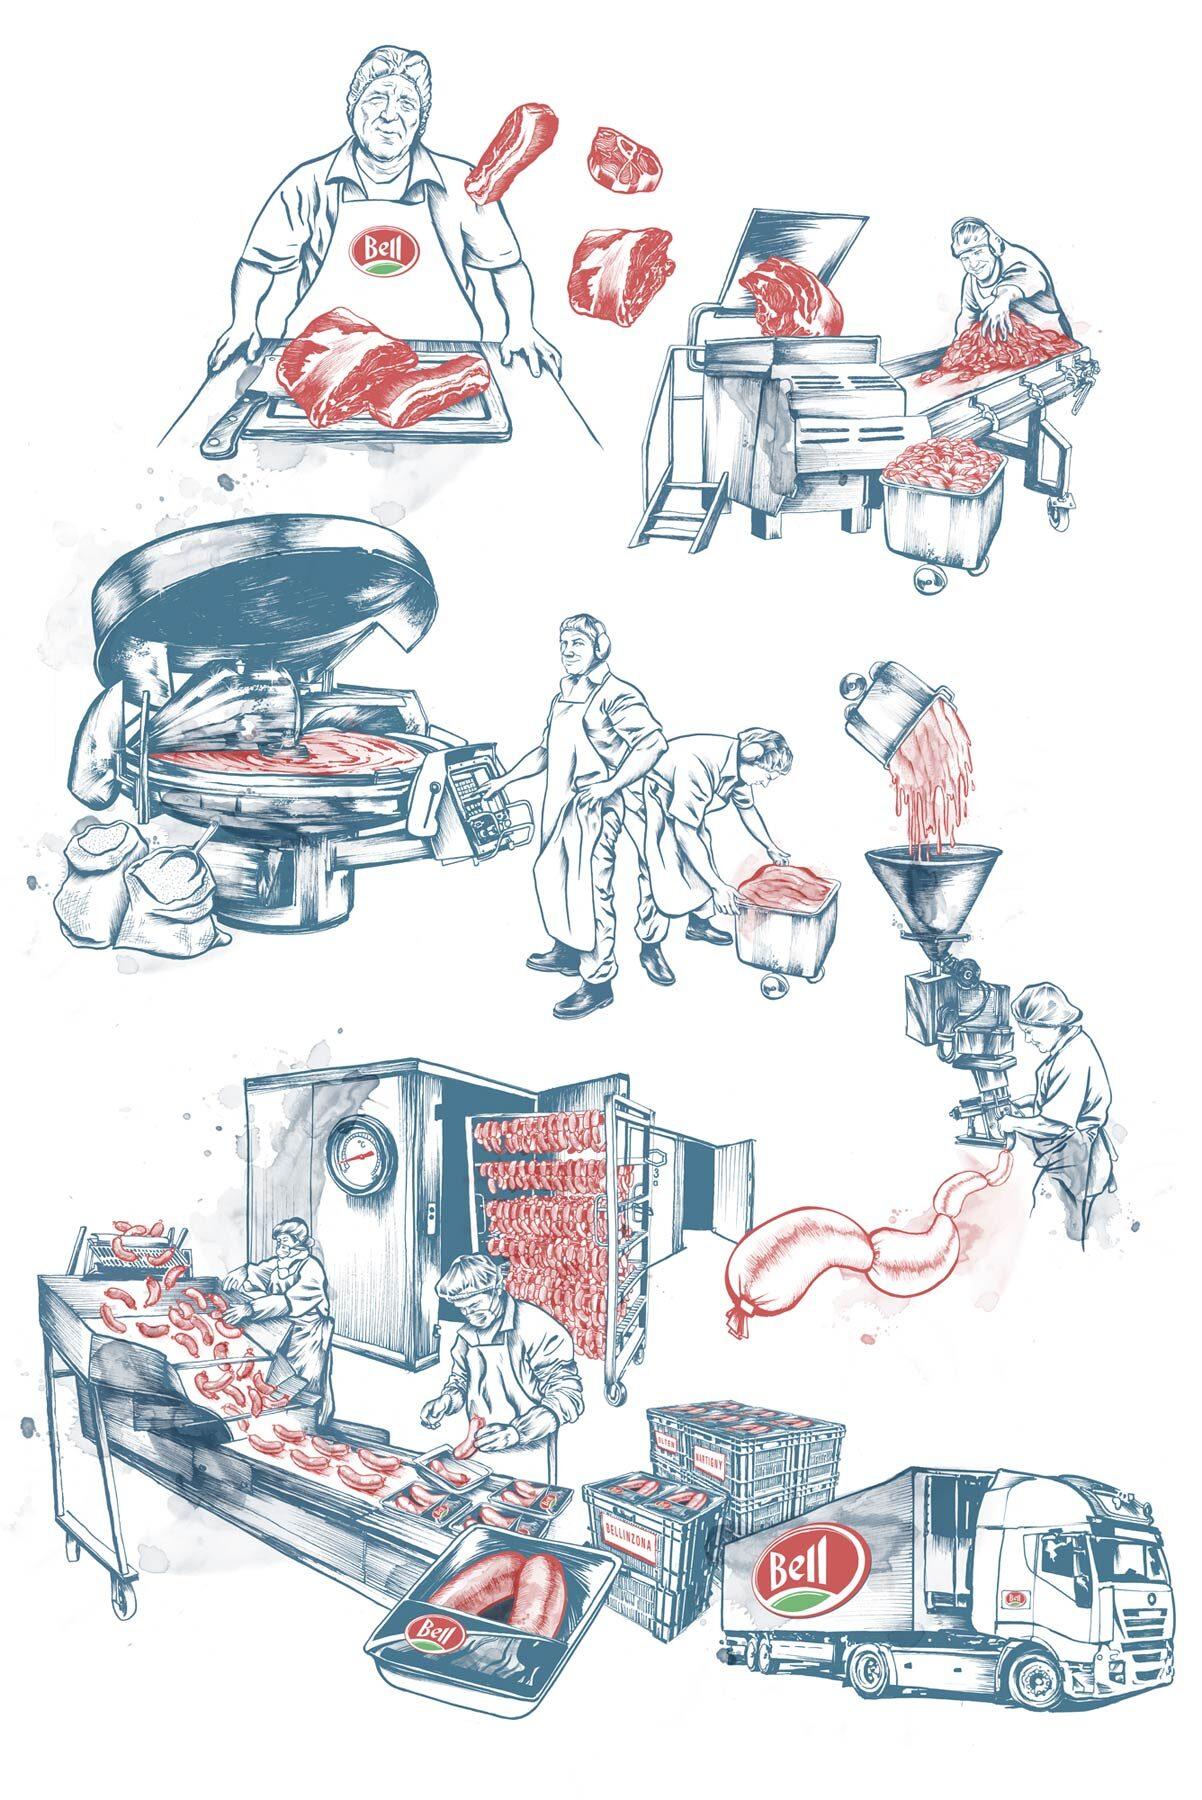 Kornel stadler illustration 1414 - Kornel Illustration   Kornel Stadler portfolio